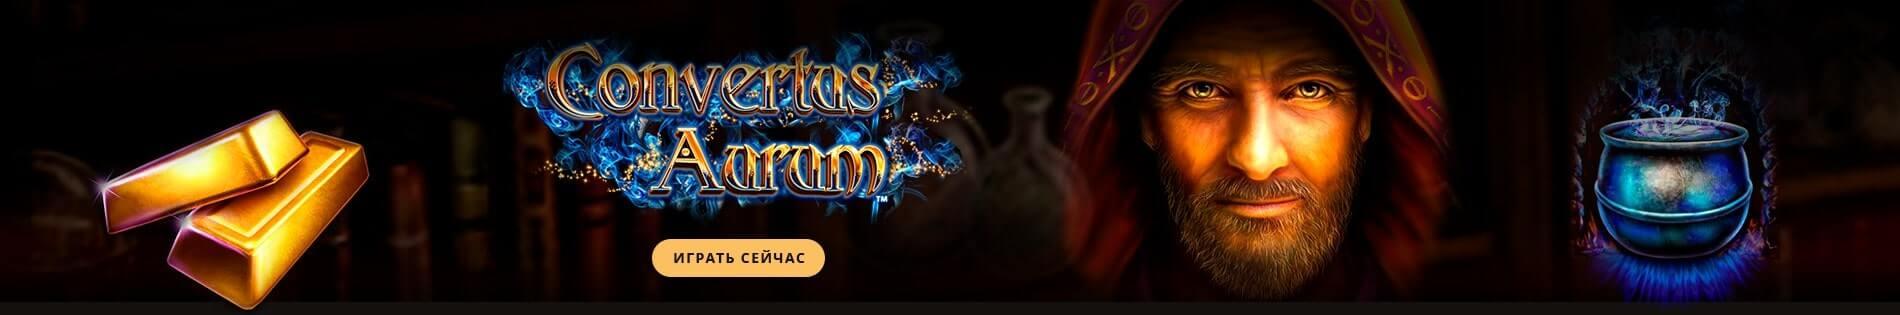 Плей Фортуна.Официальный сайт онлайн казино.Лучший ассортимент игровых автоматов от популярных производителей.Щедрые бонусы и хорошая отдача только в casino Play Fortuna.